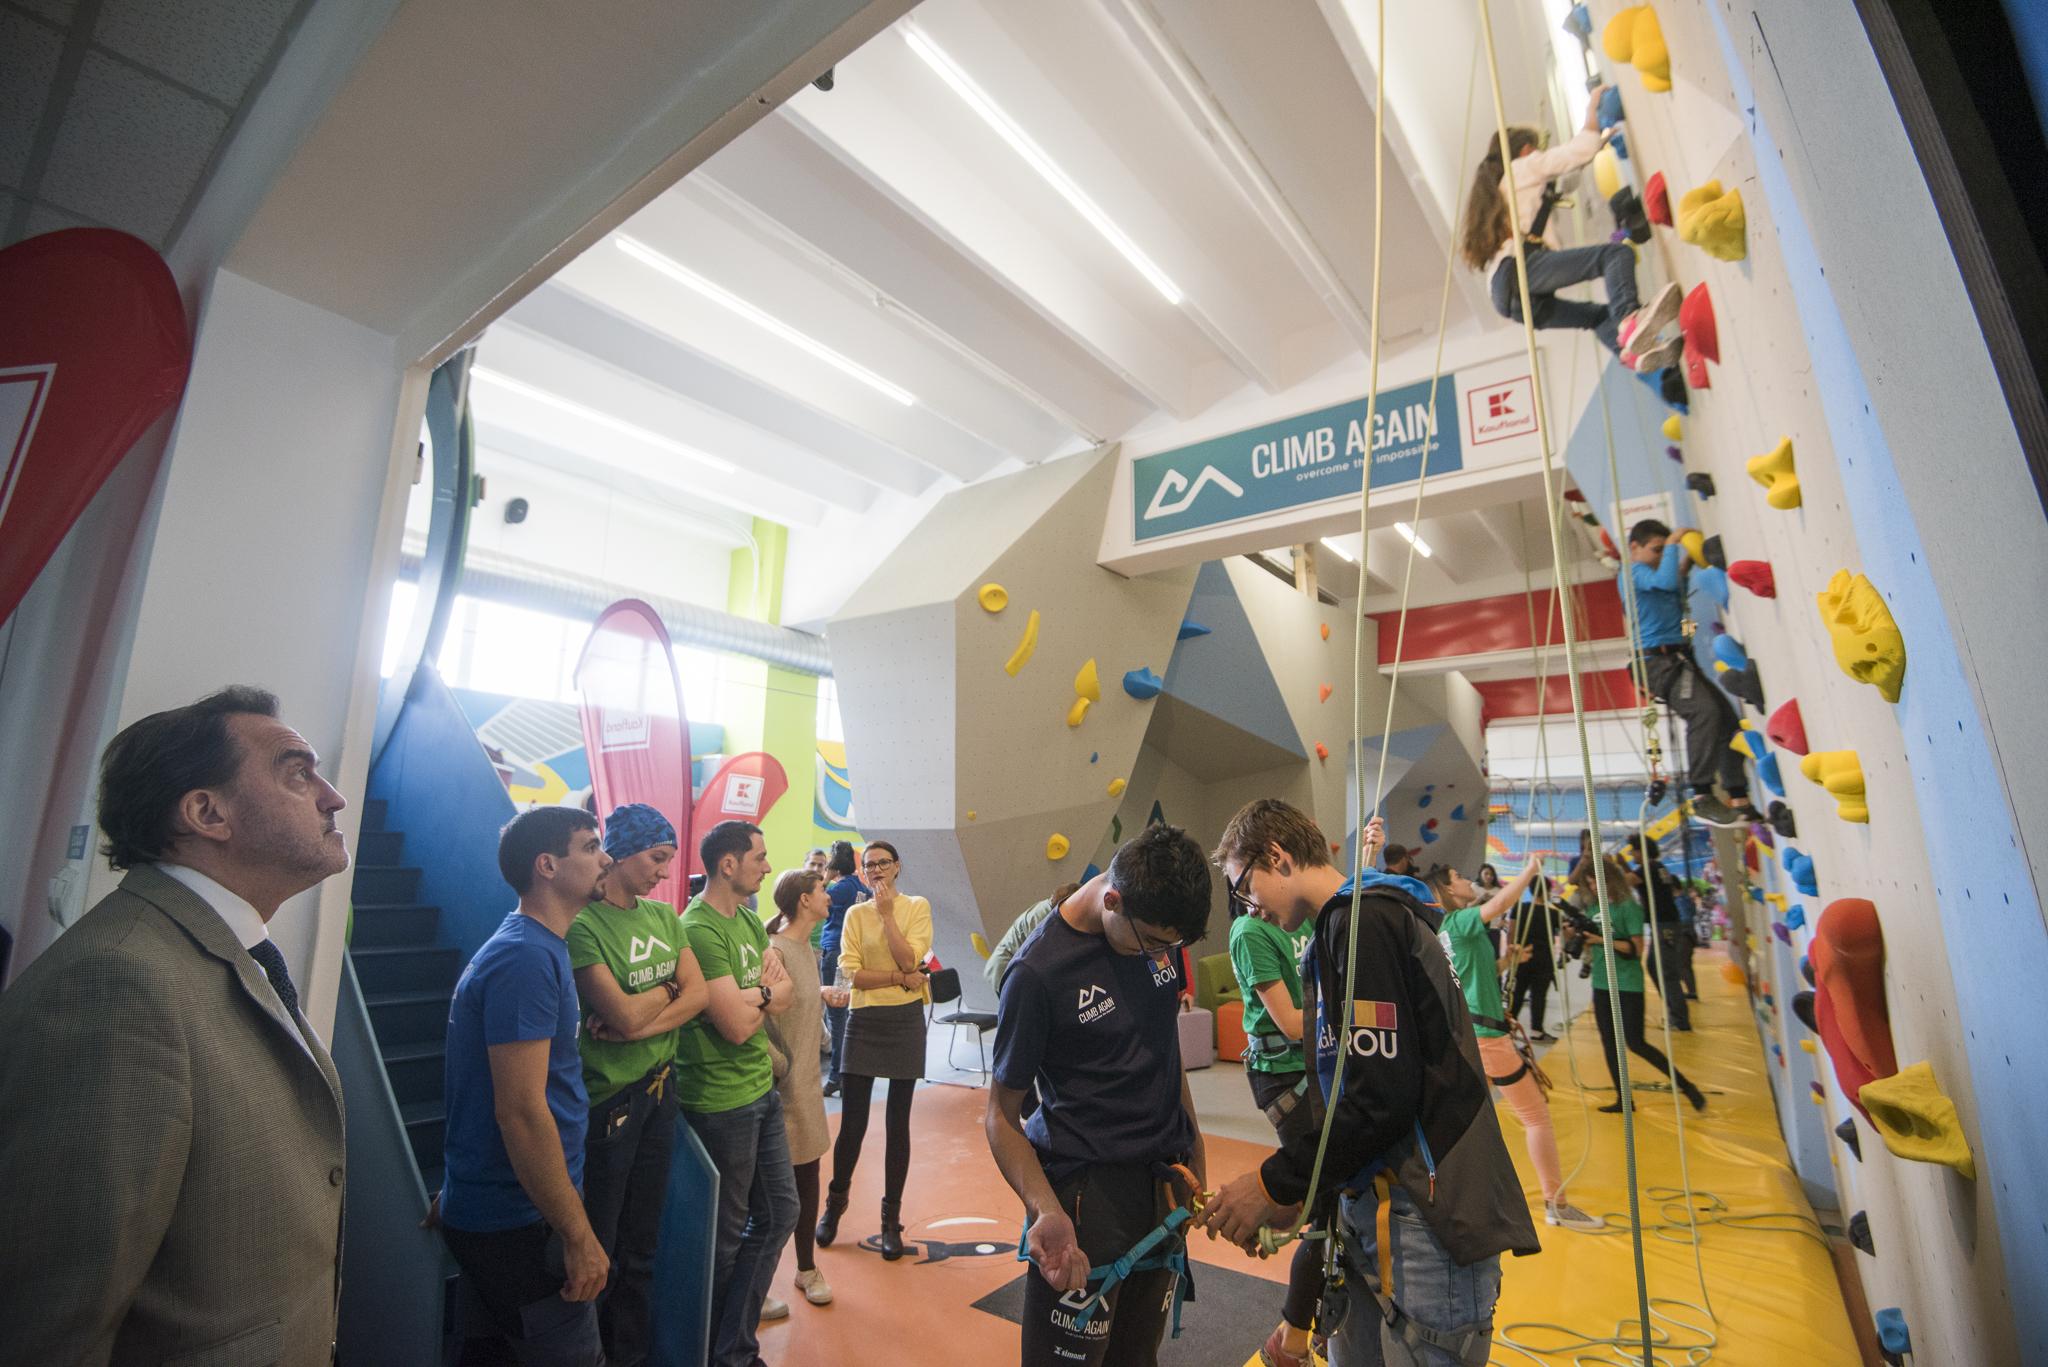 Festivalul Climb Again - cel mai mare eveniment  dedicat includerii prin escaladă a copiilor cu dizabilități